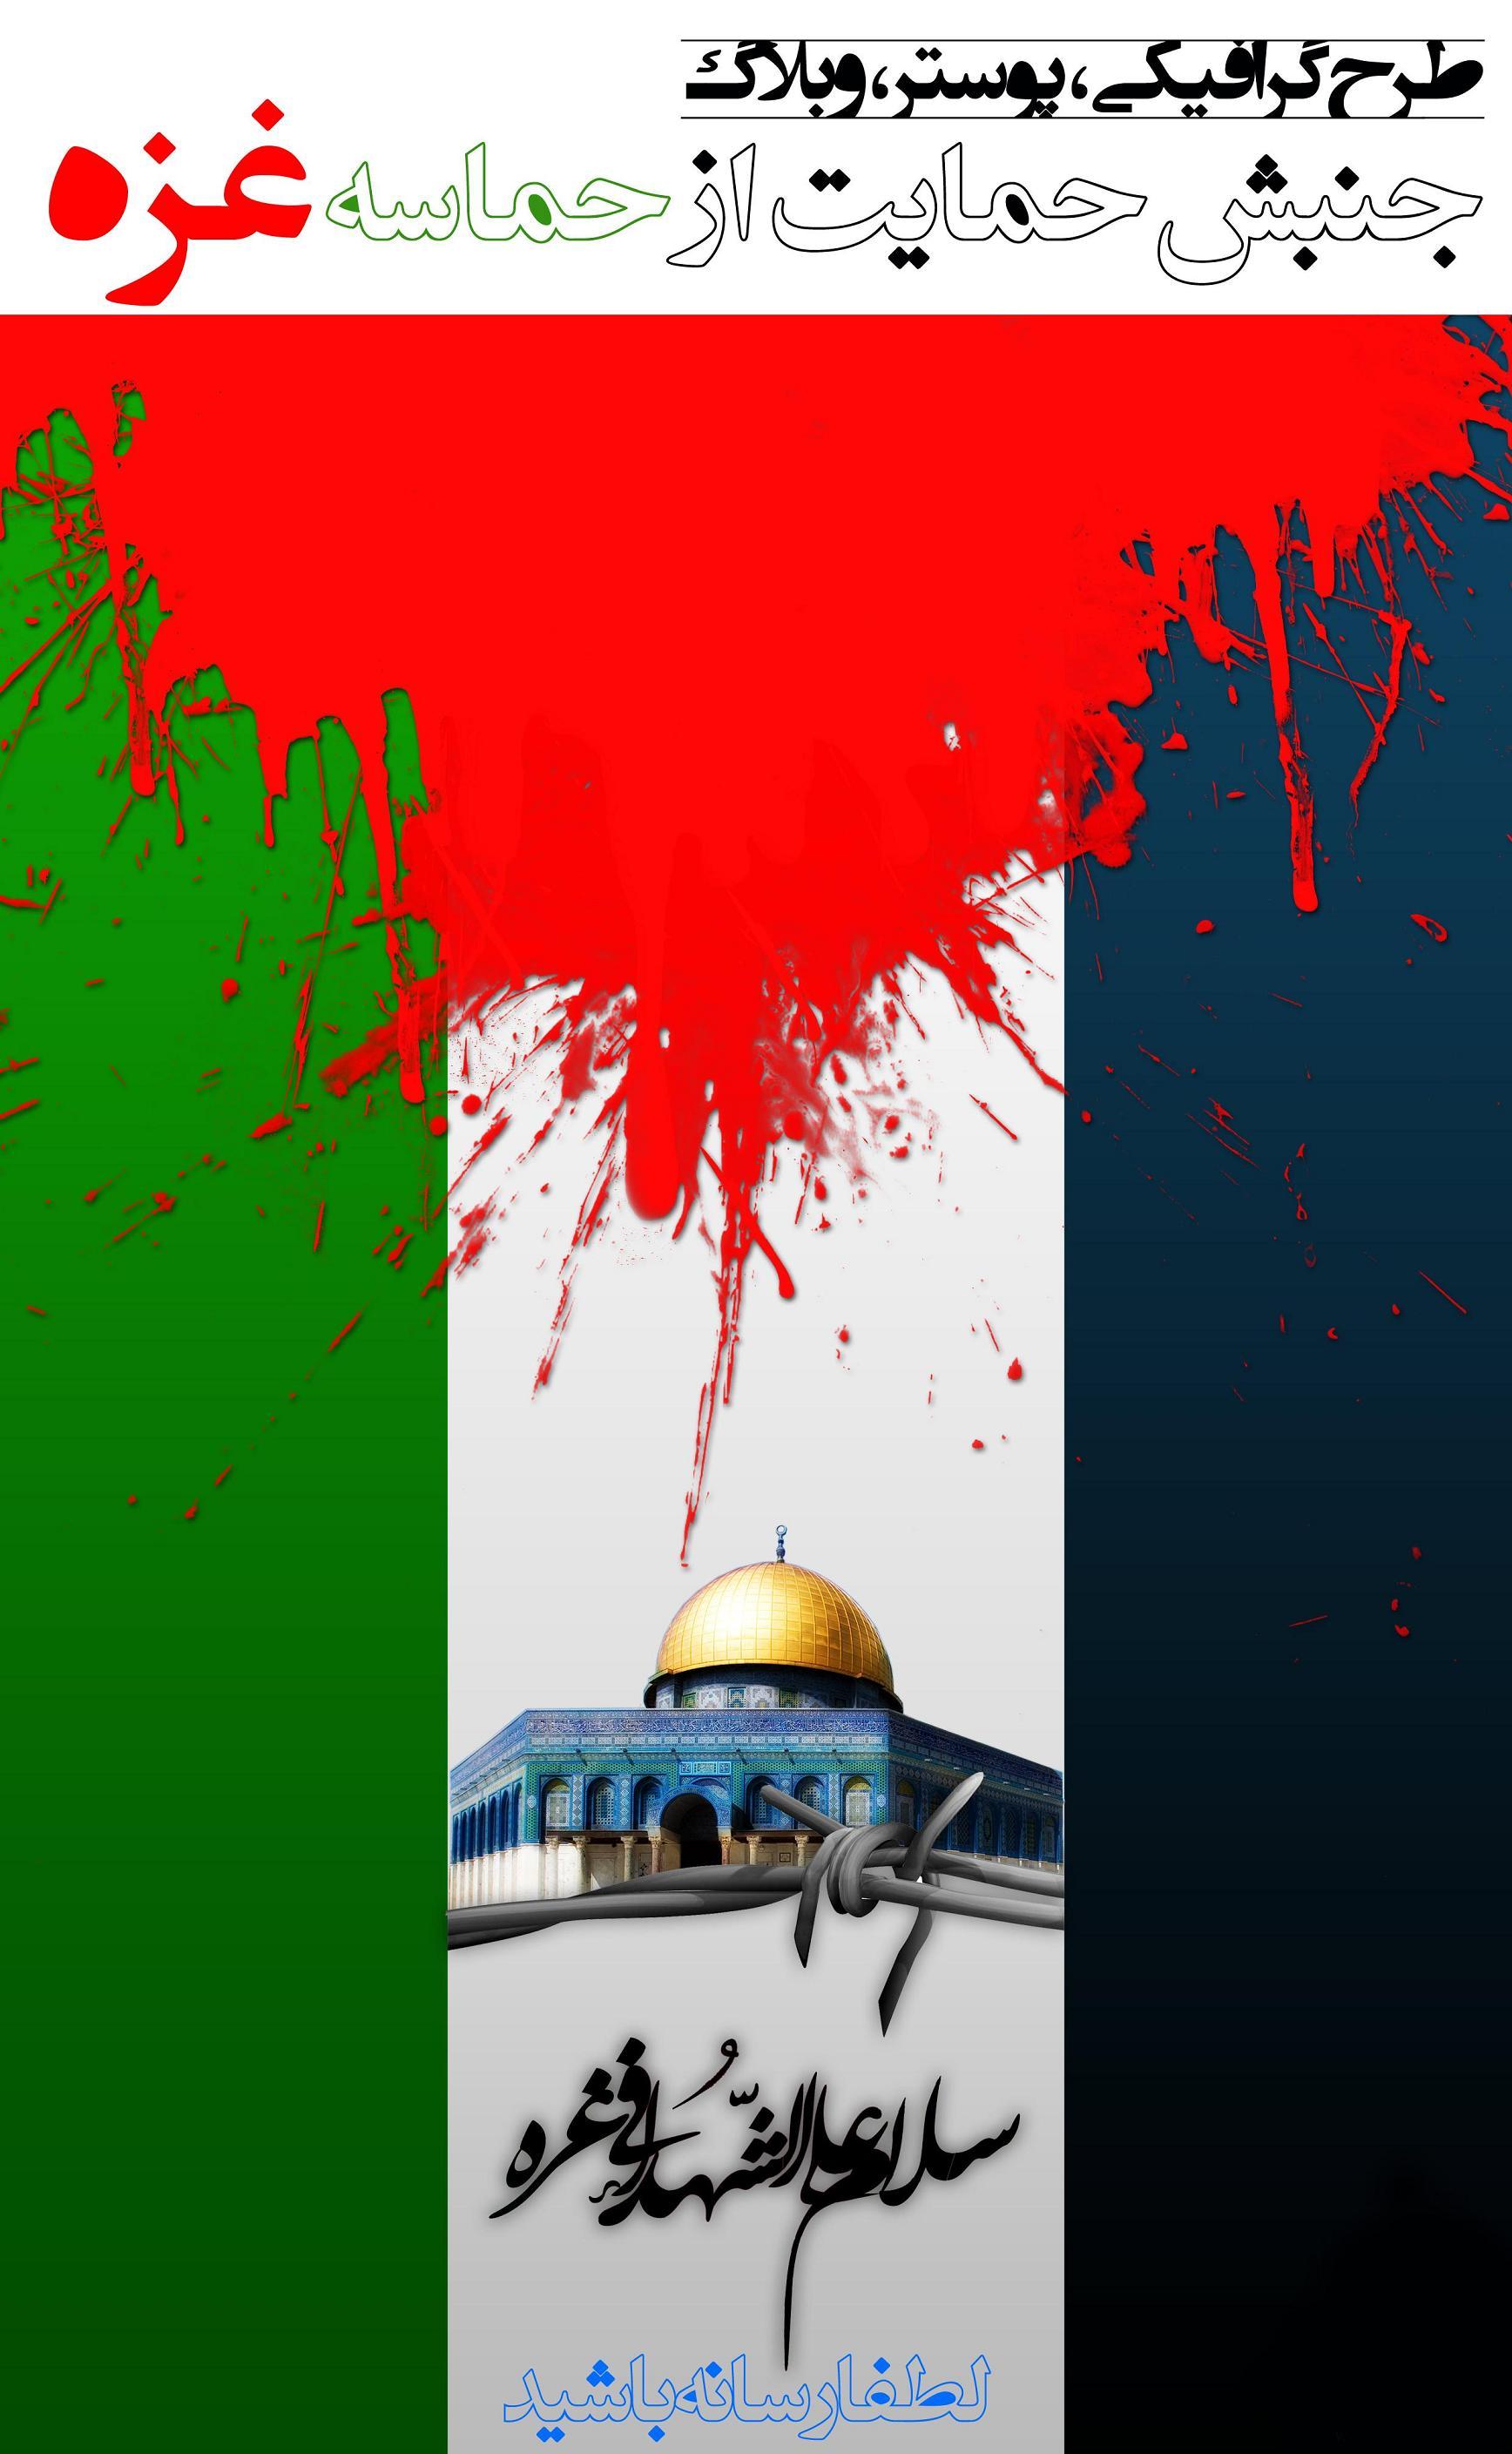 لطفا با طرح ها گرافيکي ، پوستر و يادداشت در وبلاگ حماس بزرگ 8 روزه مقاومت در مقابل به اصطلاح ارتش چهارم جهان را در حافظ تاريخ ثبت کنيد